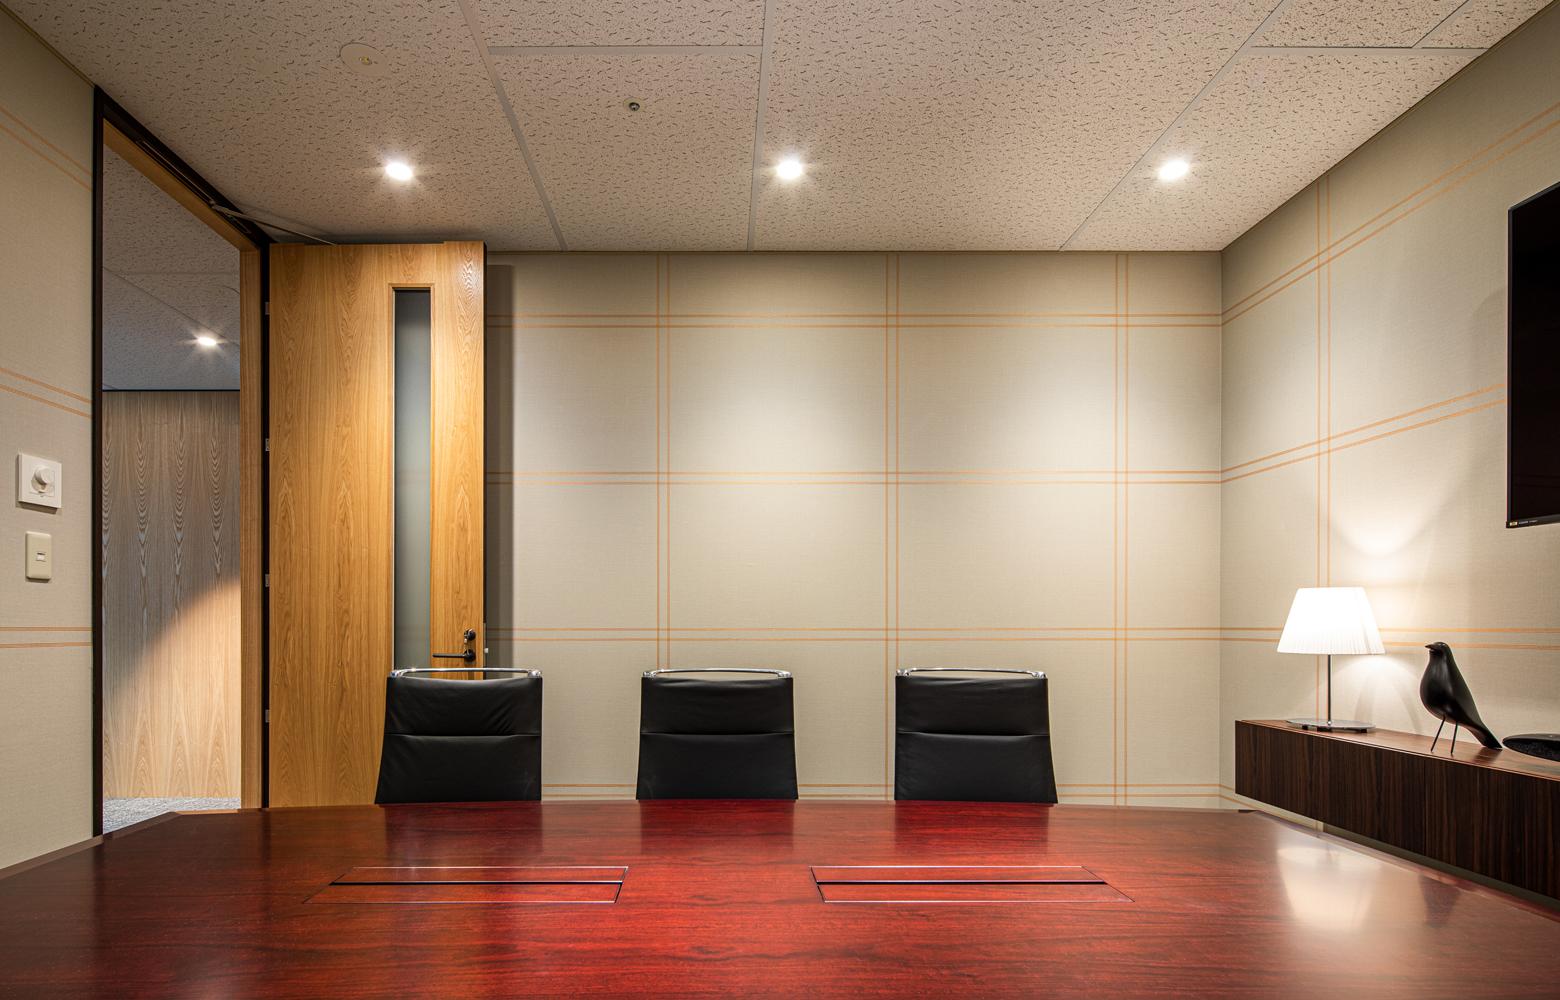 株式会社NTTぷらら Meeting Room デザイン・レイアウト事例